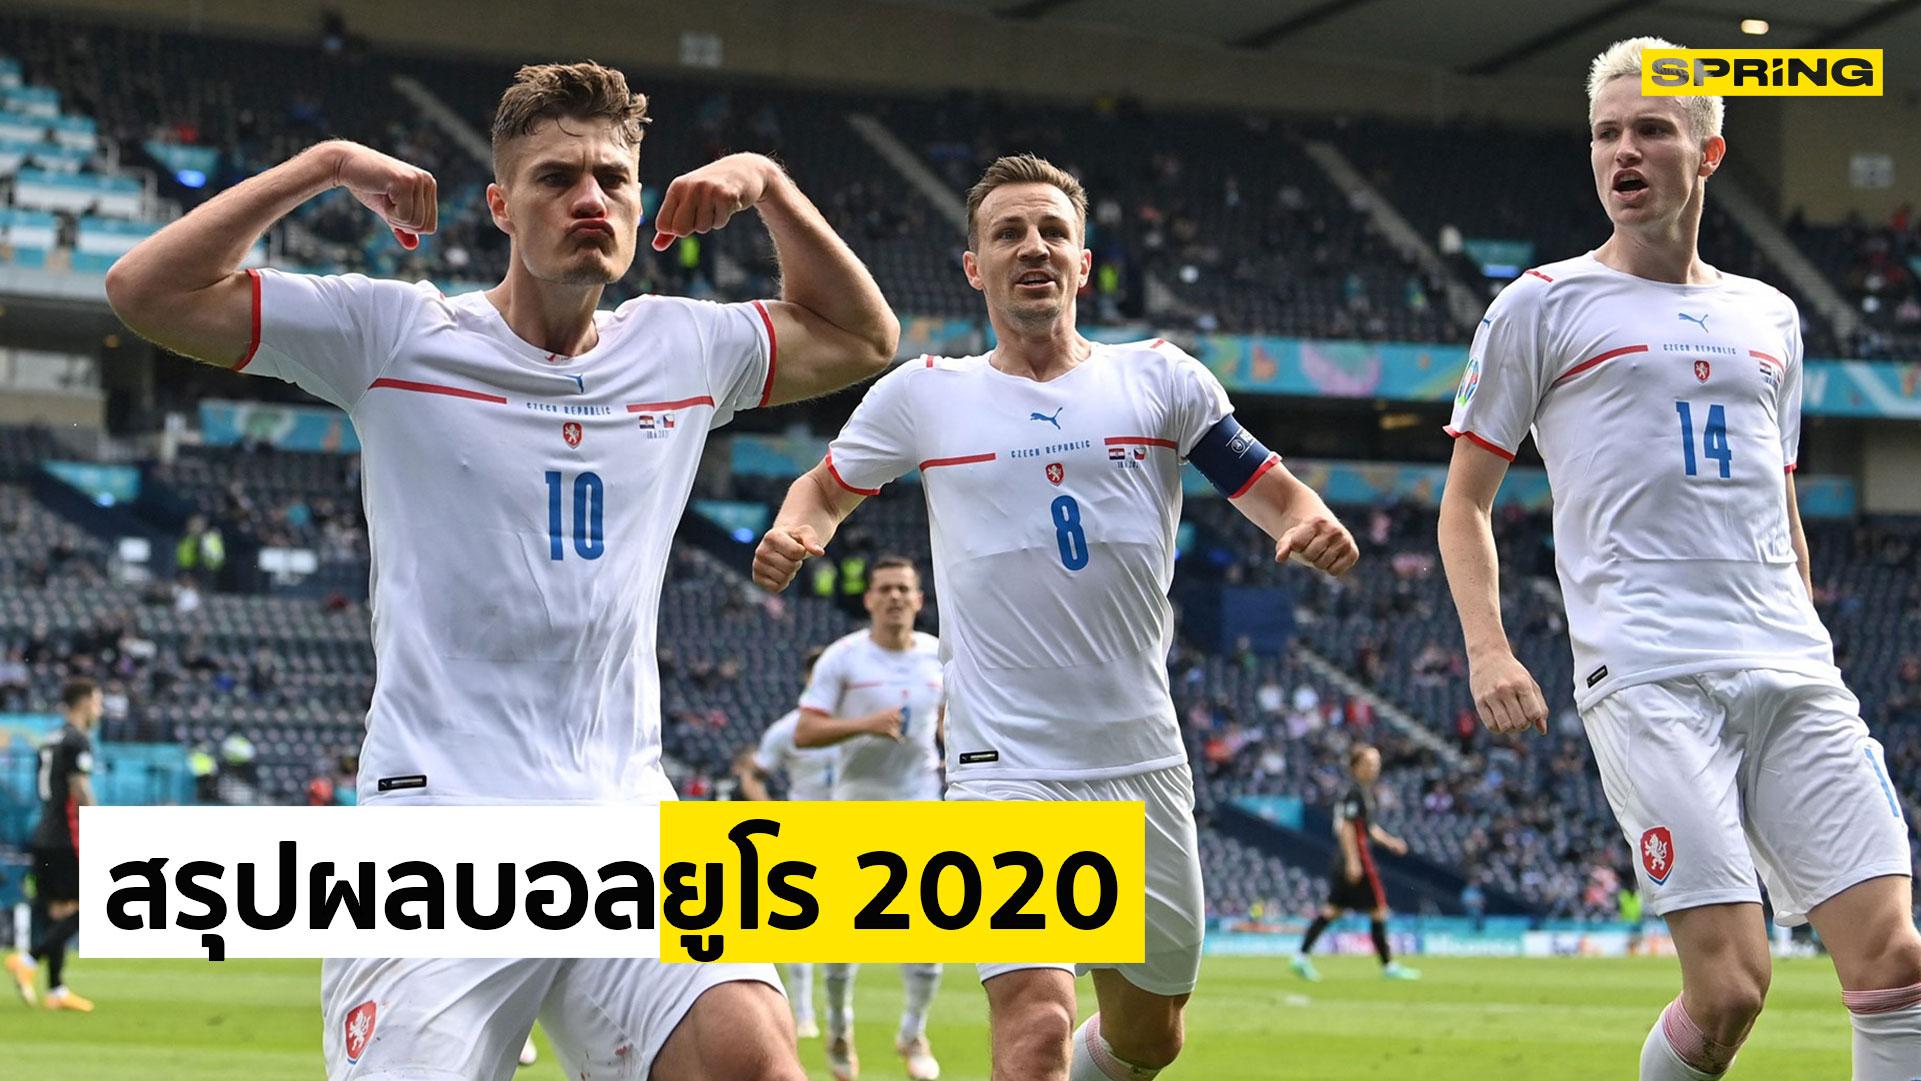 ผลบอลยูโร 2020 สวีเดนคว้าชัย โครเอเชีย อังกฤษได้แค่เจ๊า ตารางบอล 19 มิ.ย. 64